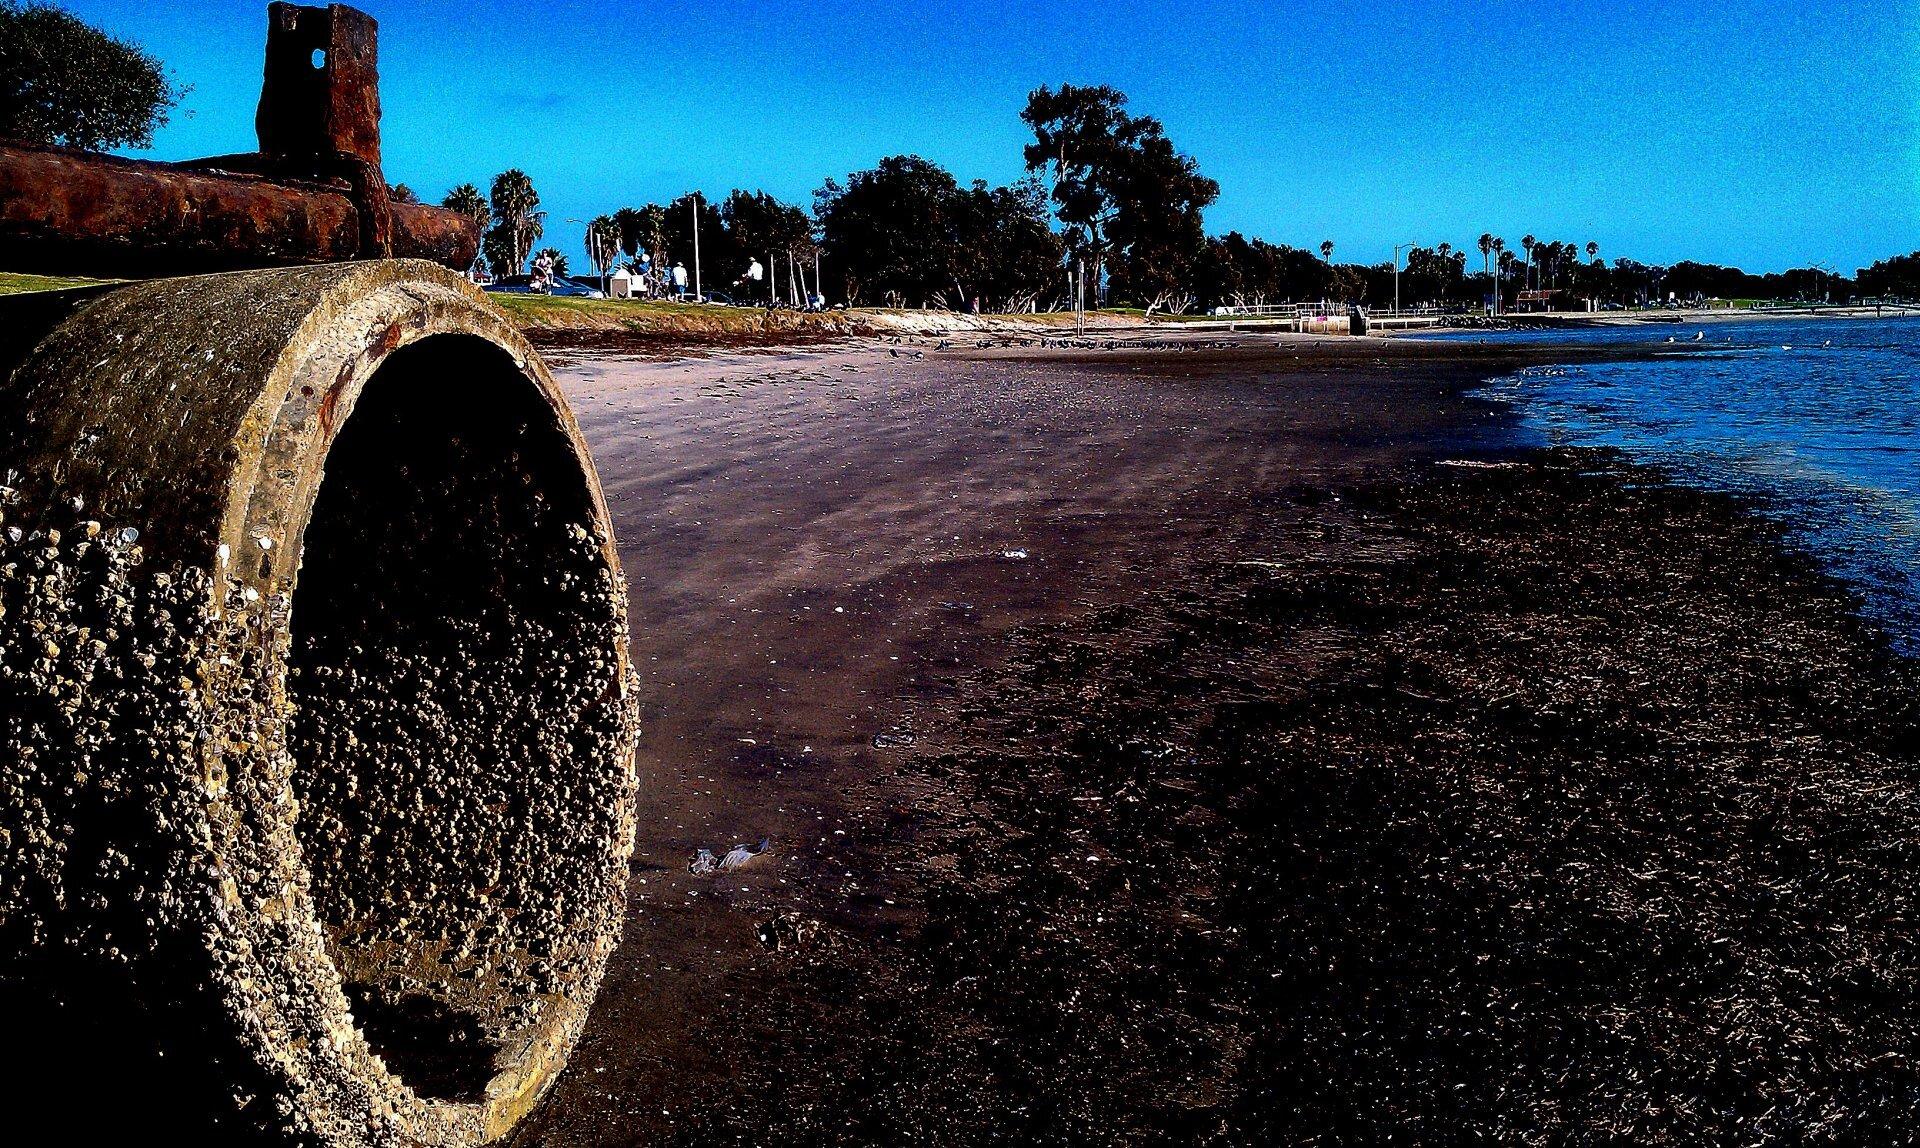 Zdjęcie przedstawia plażę miasta wciepłej strefie klimatycznej po odpływie. Niebo pogodne iniebieskie. Piasek wcentralnej części kadru jest brudnobrązowy zwyraźnymi zanieczyszczeniami, morze mocno cofnięte wprawo. Wtle po lewej stronie zabudowania, wcentrum ipo prawej stronie drzewa izatoka. Na pierwszym planie po lewej stronie obrośnięta naciekami pusta rura kanalizacyjna wychodząca głęboko wplażę.